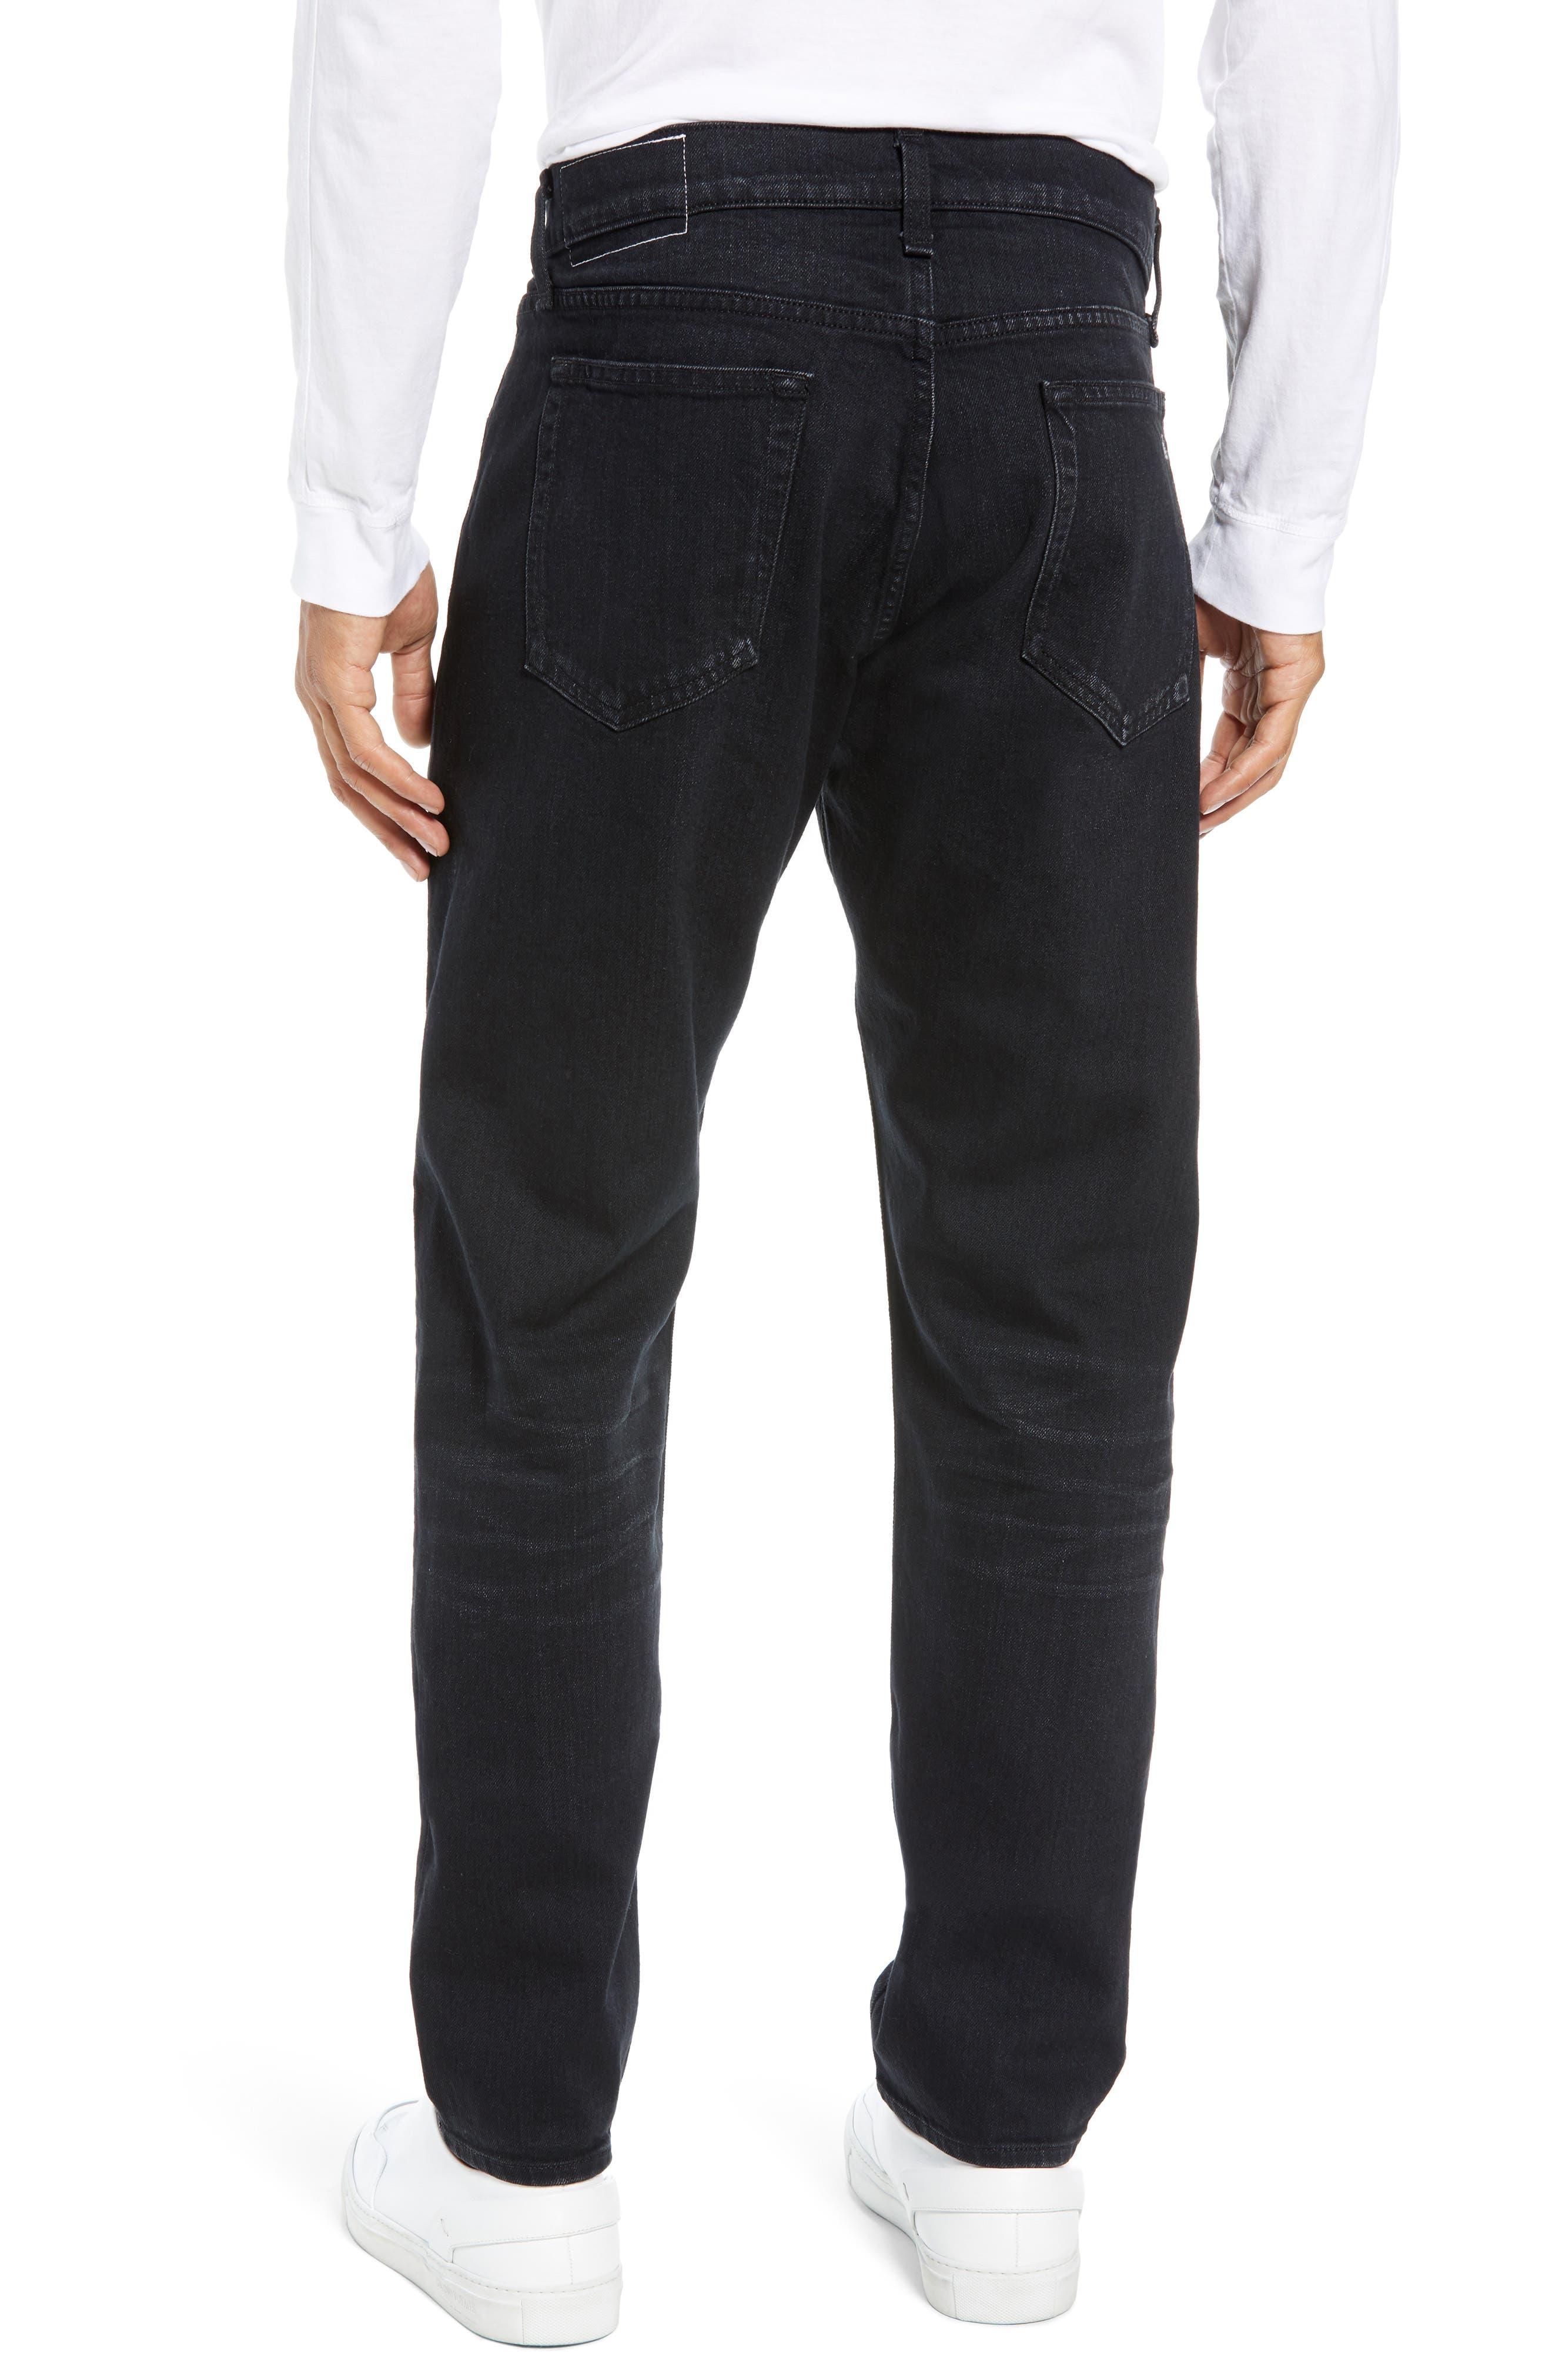 Fit 2 Slim Fit Jeans,                             Alternate thumbnail 2, color,                             DEVON